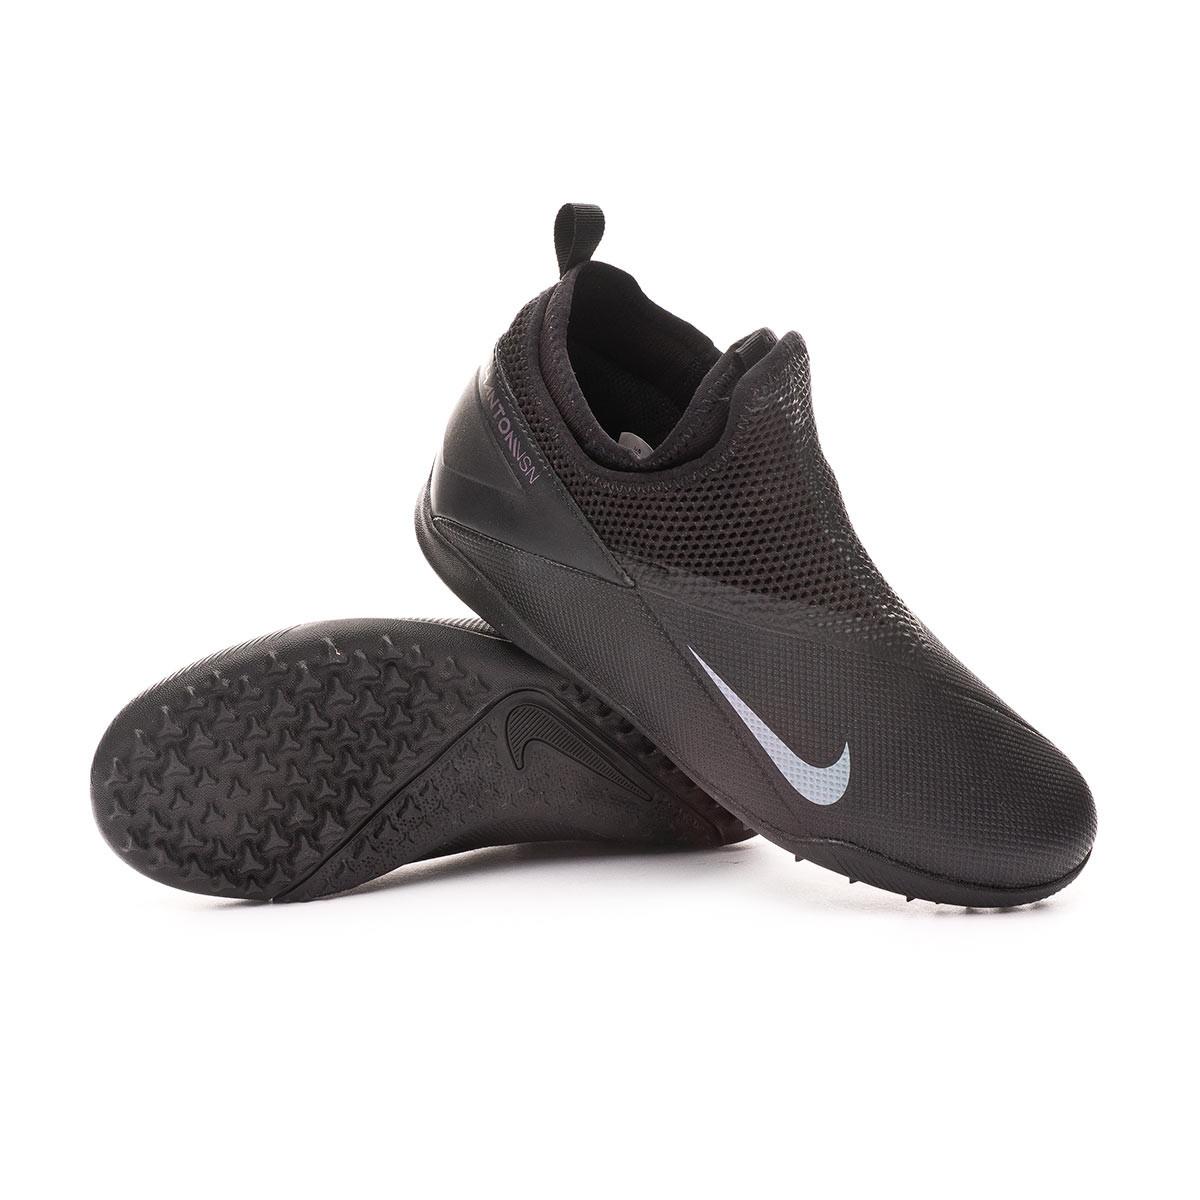 Sapatilhas Nike Phantom Vision Academy DF Turf Crianças